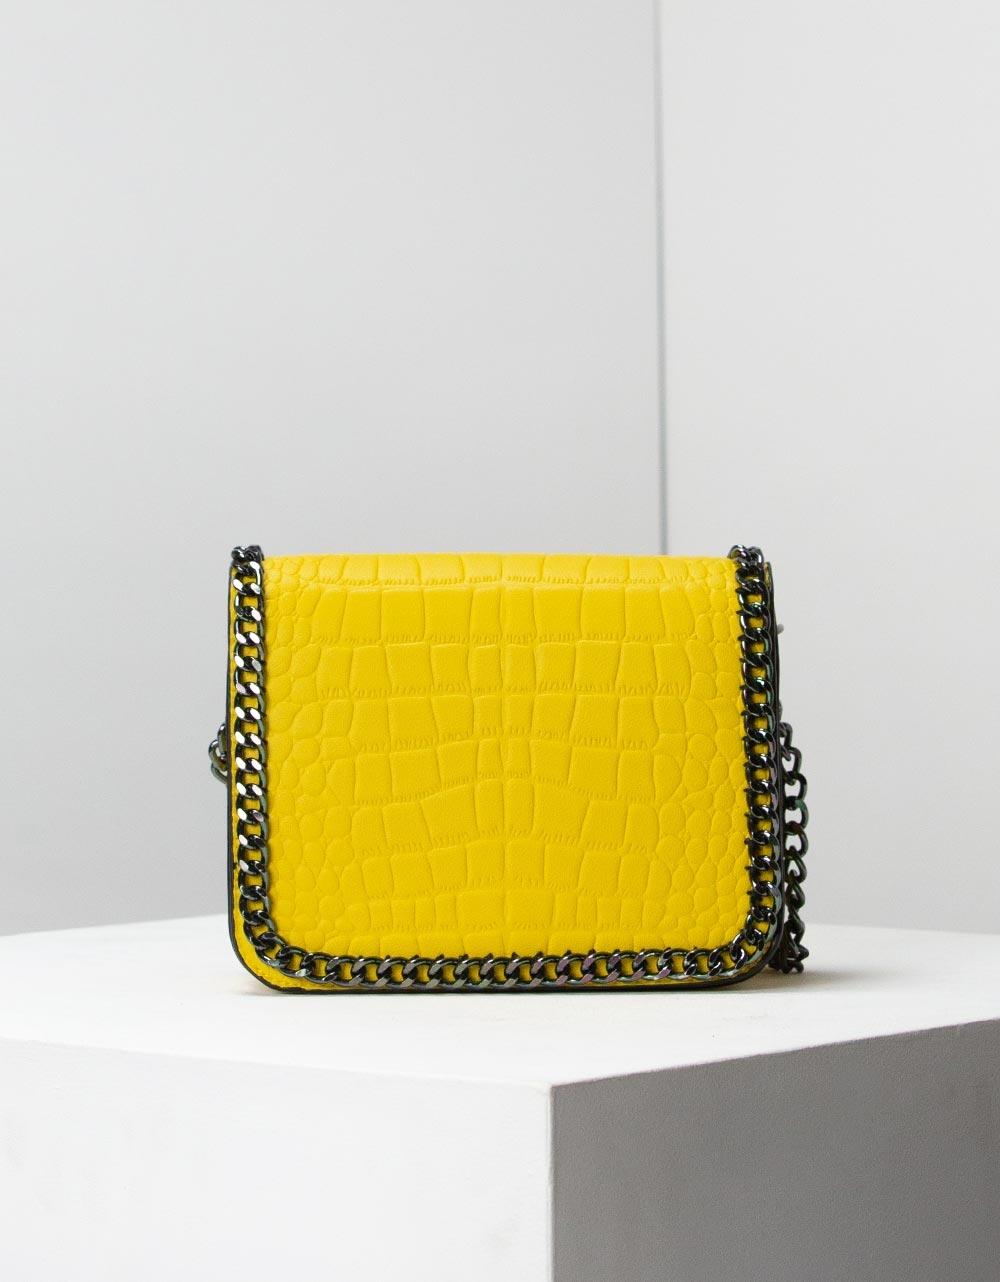 Εικόνα από Γυναικείες τσάντες ώμου με διακοσμητική αλυσίδα Κίτρινο